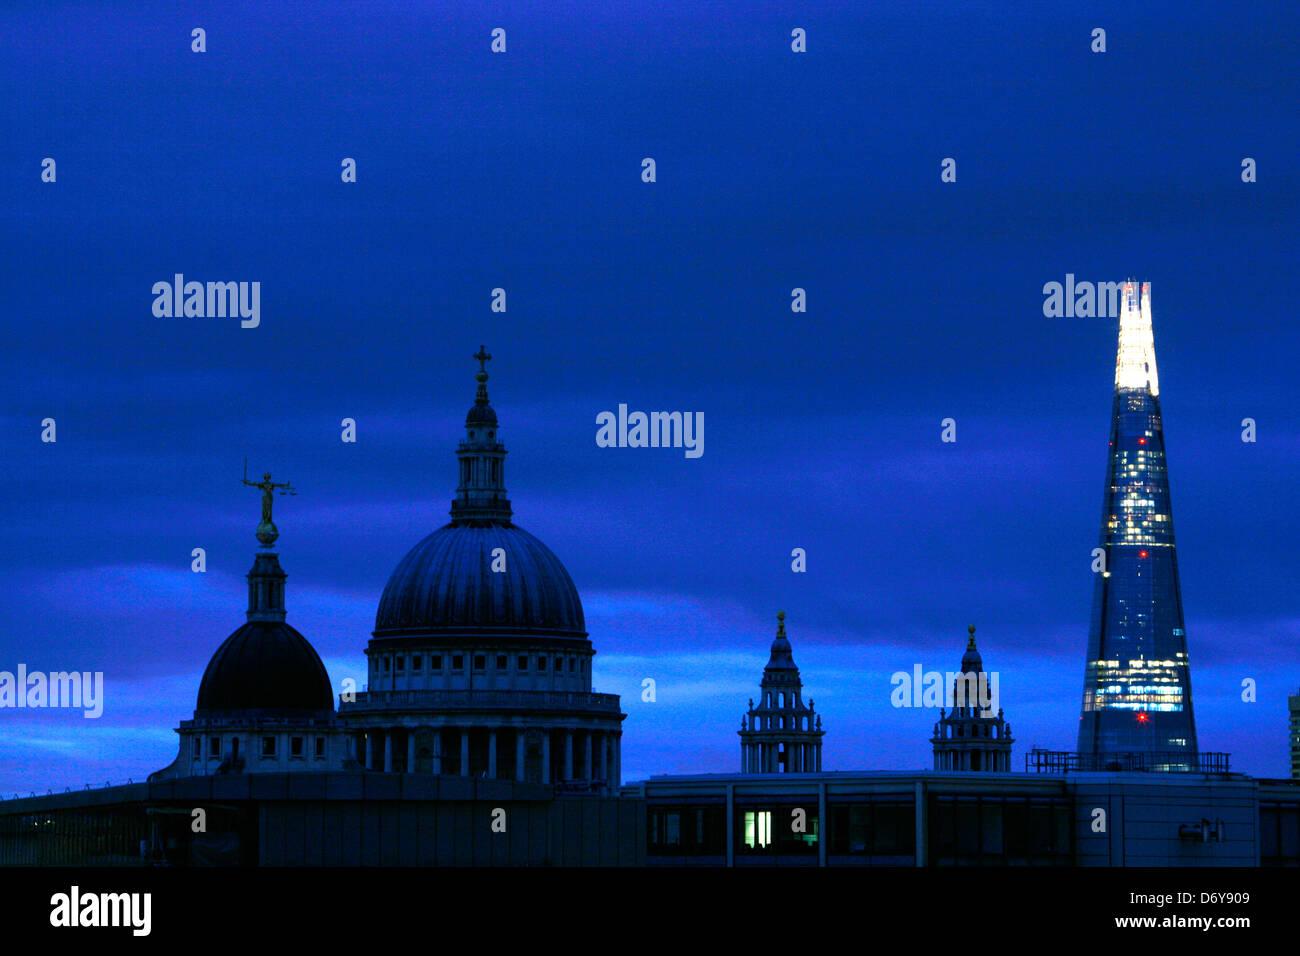 Skyline-Blick in der Morgendämmerung des Old Bailey, St. Pauls Cathedral und der Shard, City of London, UK Stockbild